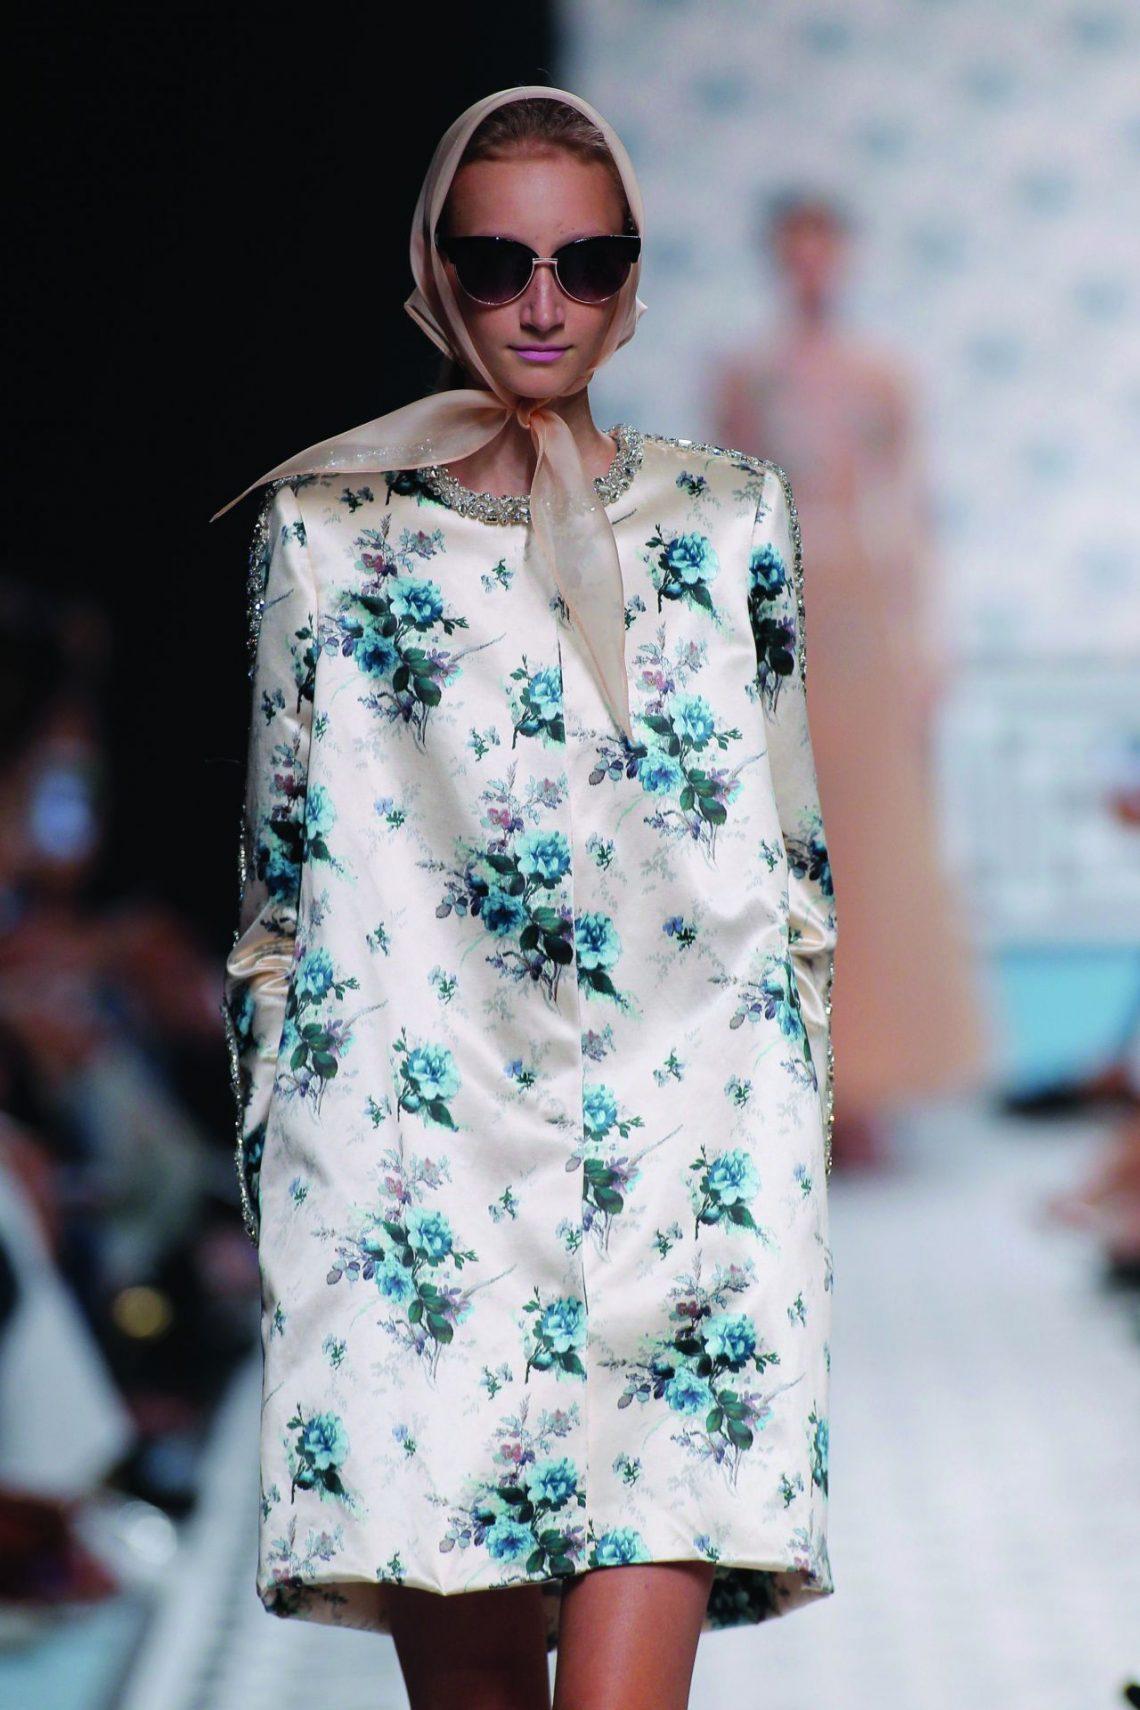 Este complemento lo vimos en la pasarela y Zara ya lo incluye en sus escaparates ¿Resultado? Nueva tendencia a pie de calle